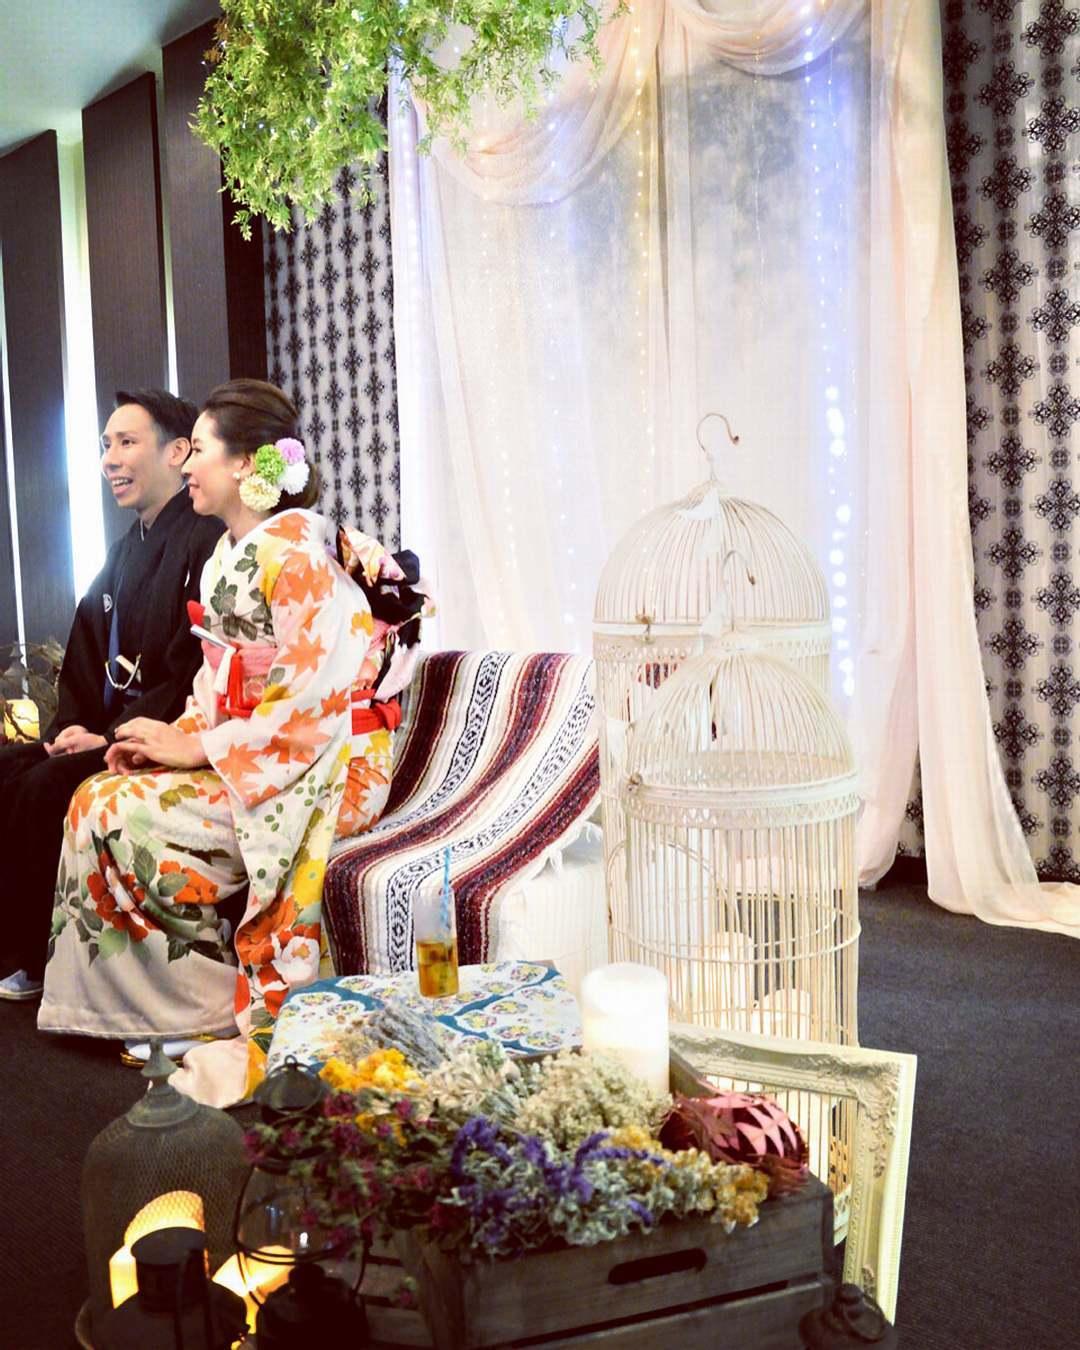 和婚にて装飾.オリジナルウエディングはお任せください。 #ラブーシュカウエディング#コンセプトウエディング#プレ花嫁#wedding#weddingdress#bride#結婚式#オリジナルウエディング#会場装飾#手作りアイテム#ウェディング#結婚式準備#花嫁#和婚 #ウエディングドレス#ウェディングドレス#軽井沢 #群馬 #日本中のプレ花嫁さんと繋がりたい#日本中の卒花嫁さんと繋がりたい#ゼクシィ#loveshka #loveshka_wedding